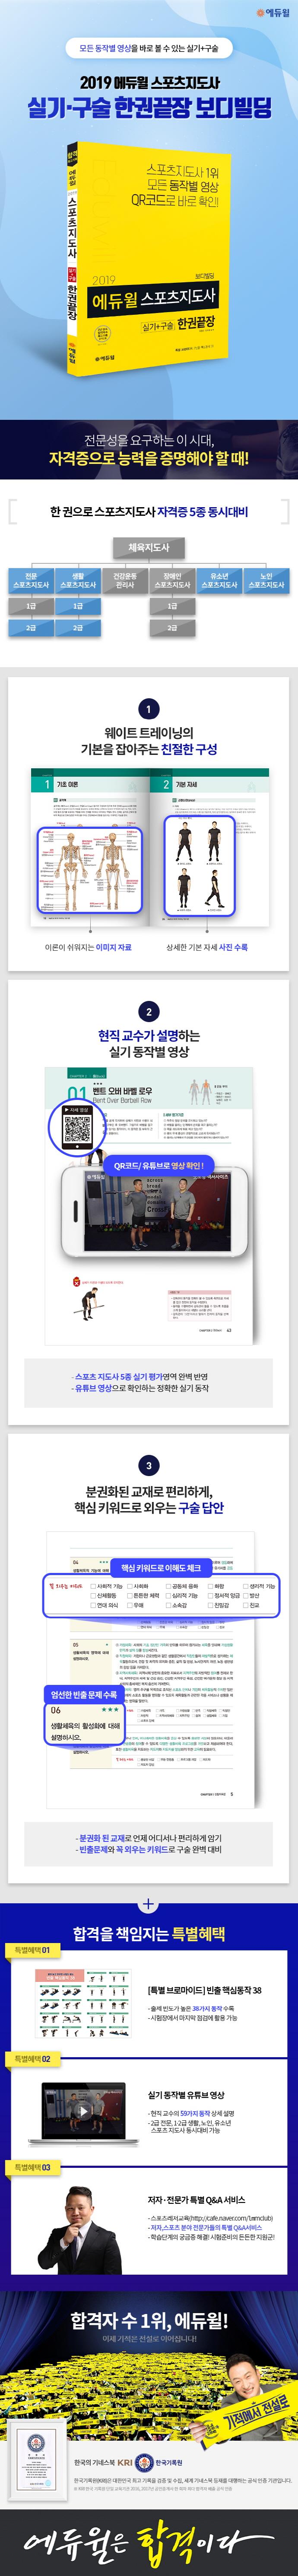 스포츠지도사(보디빌딩) 실기 구술 한권끝장(2019)(에듀윌) 도서 상세이미지